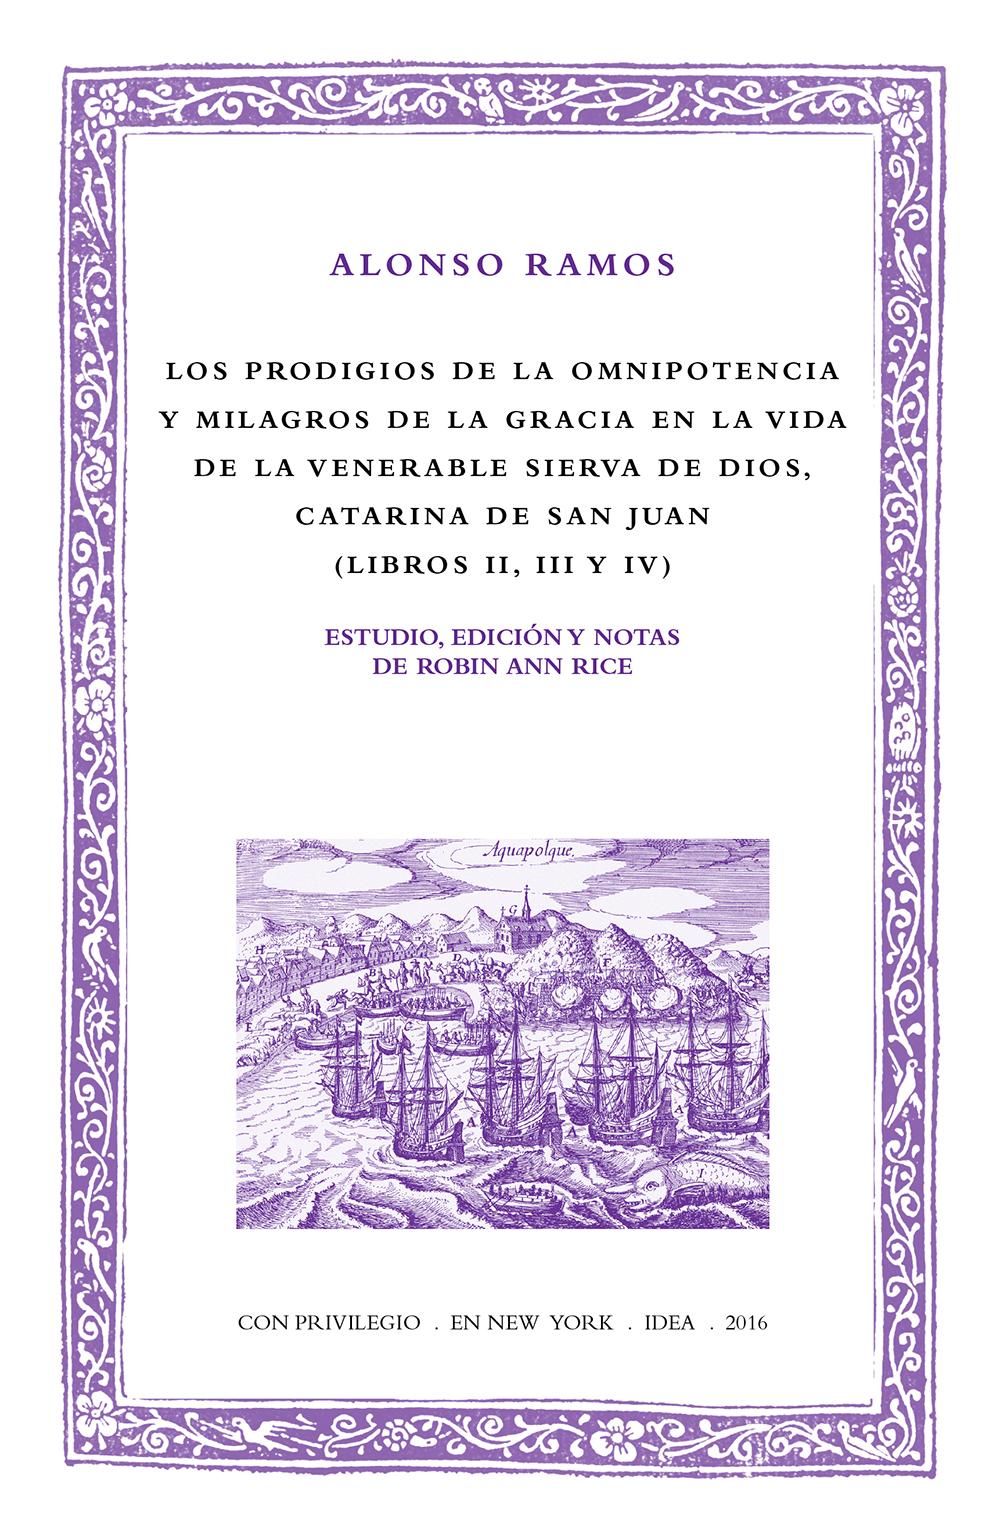 Batihoja 33. Los prodigios de la omnipotencia y milagros de la gracia (libros II, III y IV)